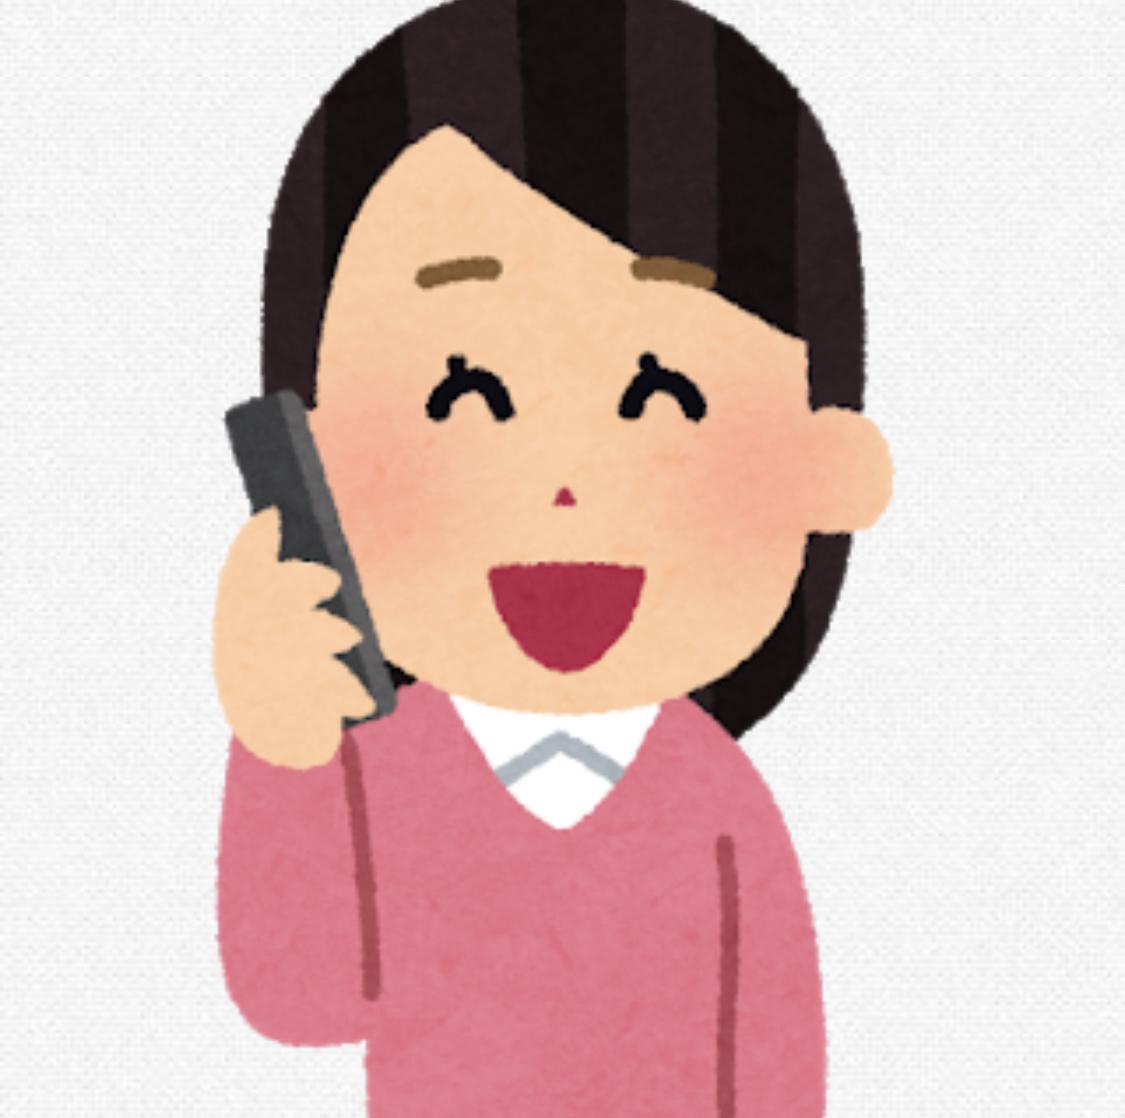 代わりにお電話致します 忙しい・難しい・やってほしいなど対応します! イメージ1